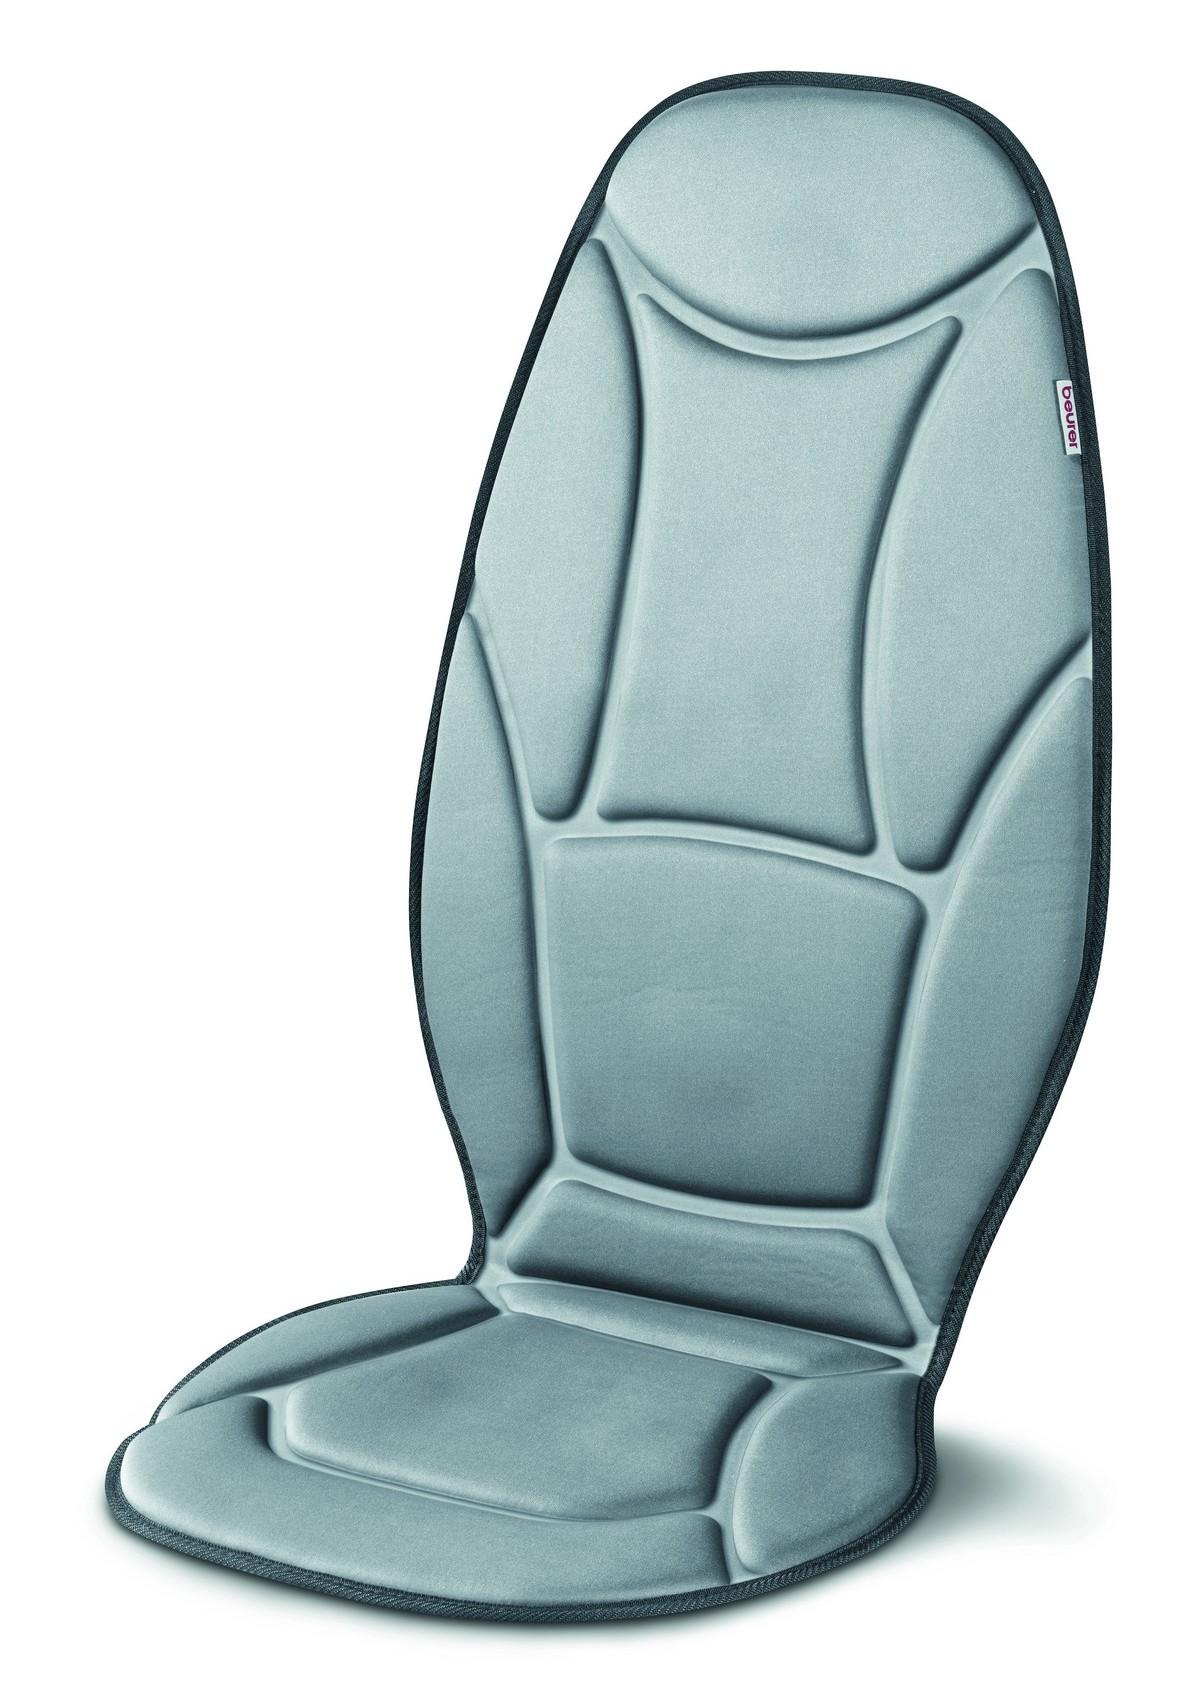 Массажная накидка на сиденье MG155